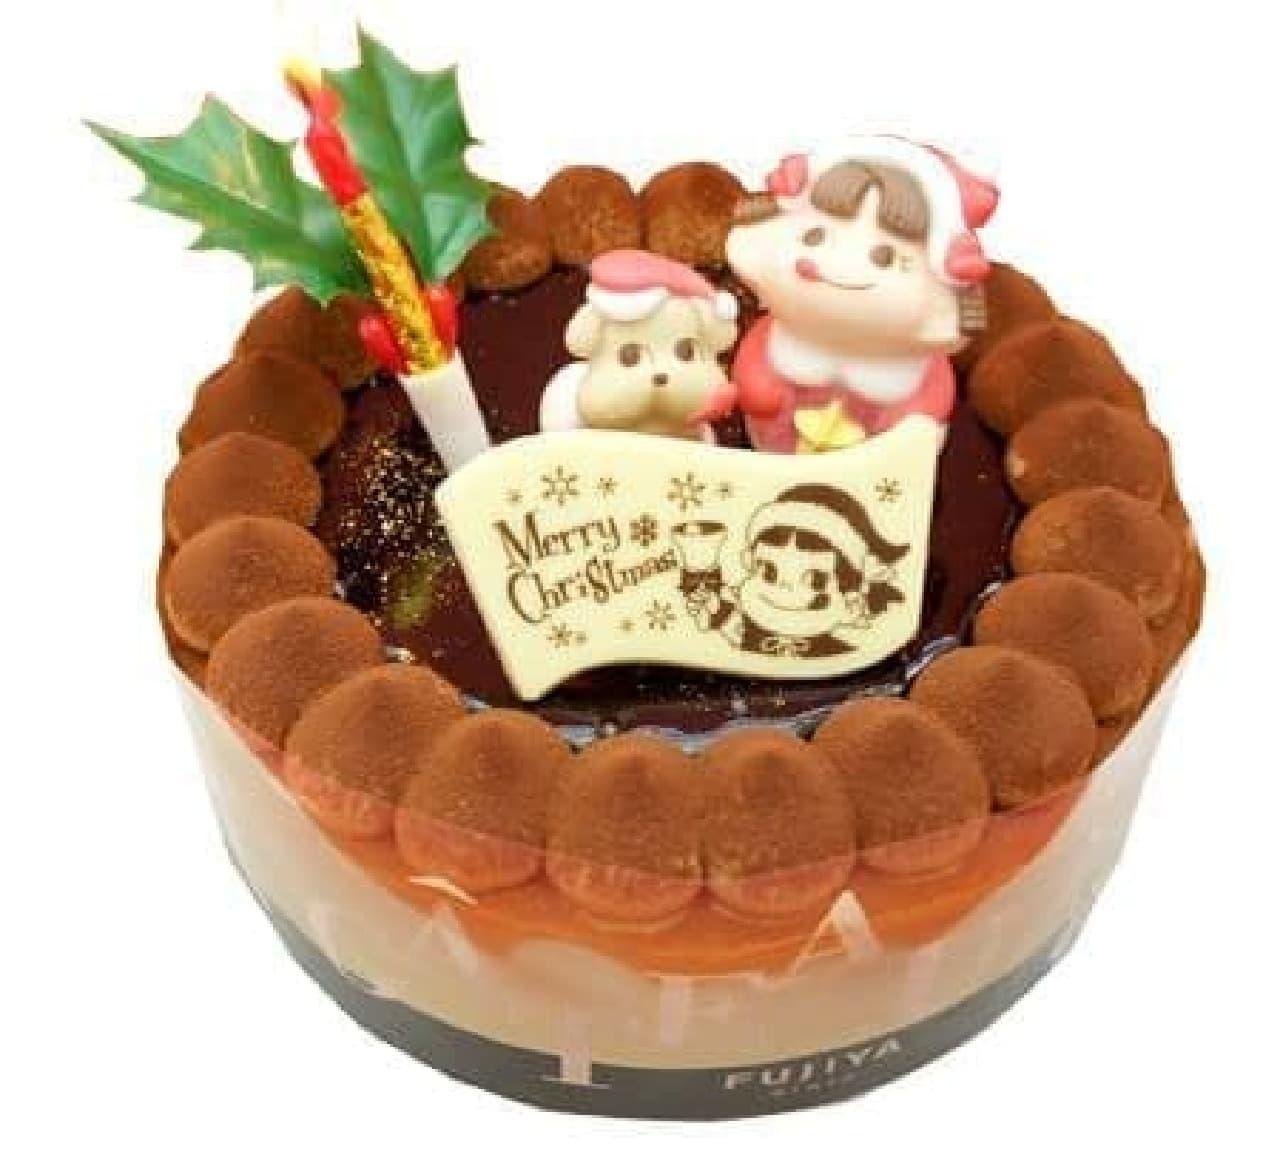 「とろけるクリスマスチョコ生ケーキ」のイメージ